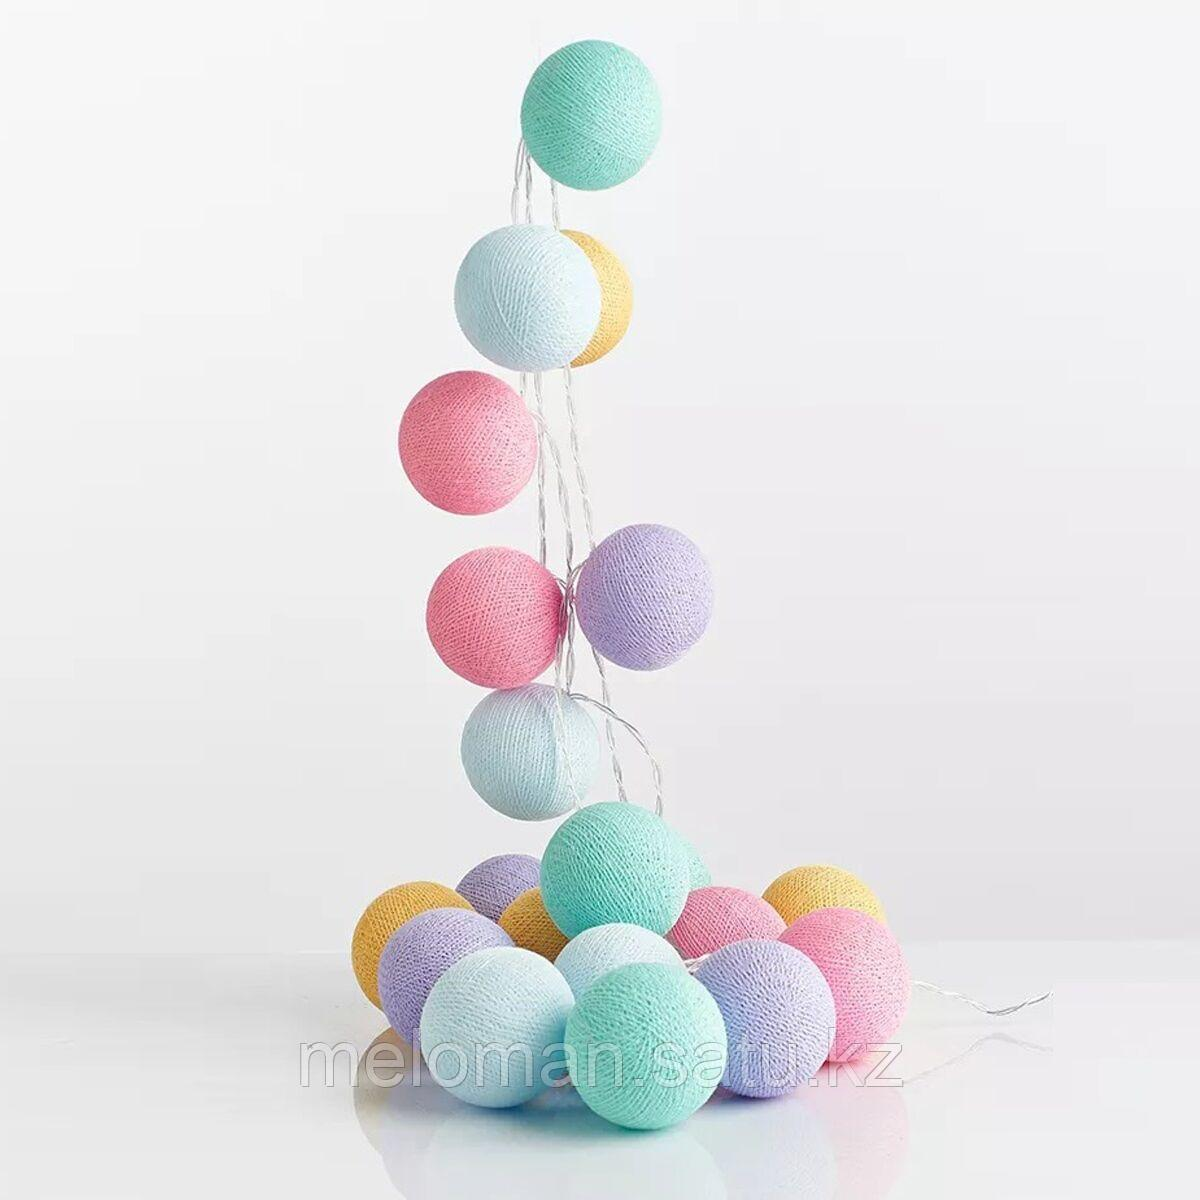 Гирлянда декоративная Парадайз 20 шаров/сеть - фото 1